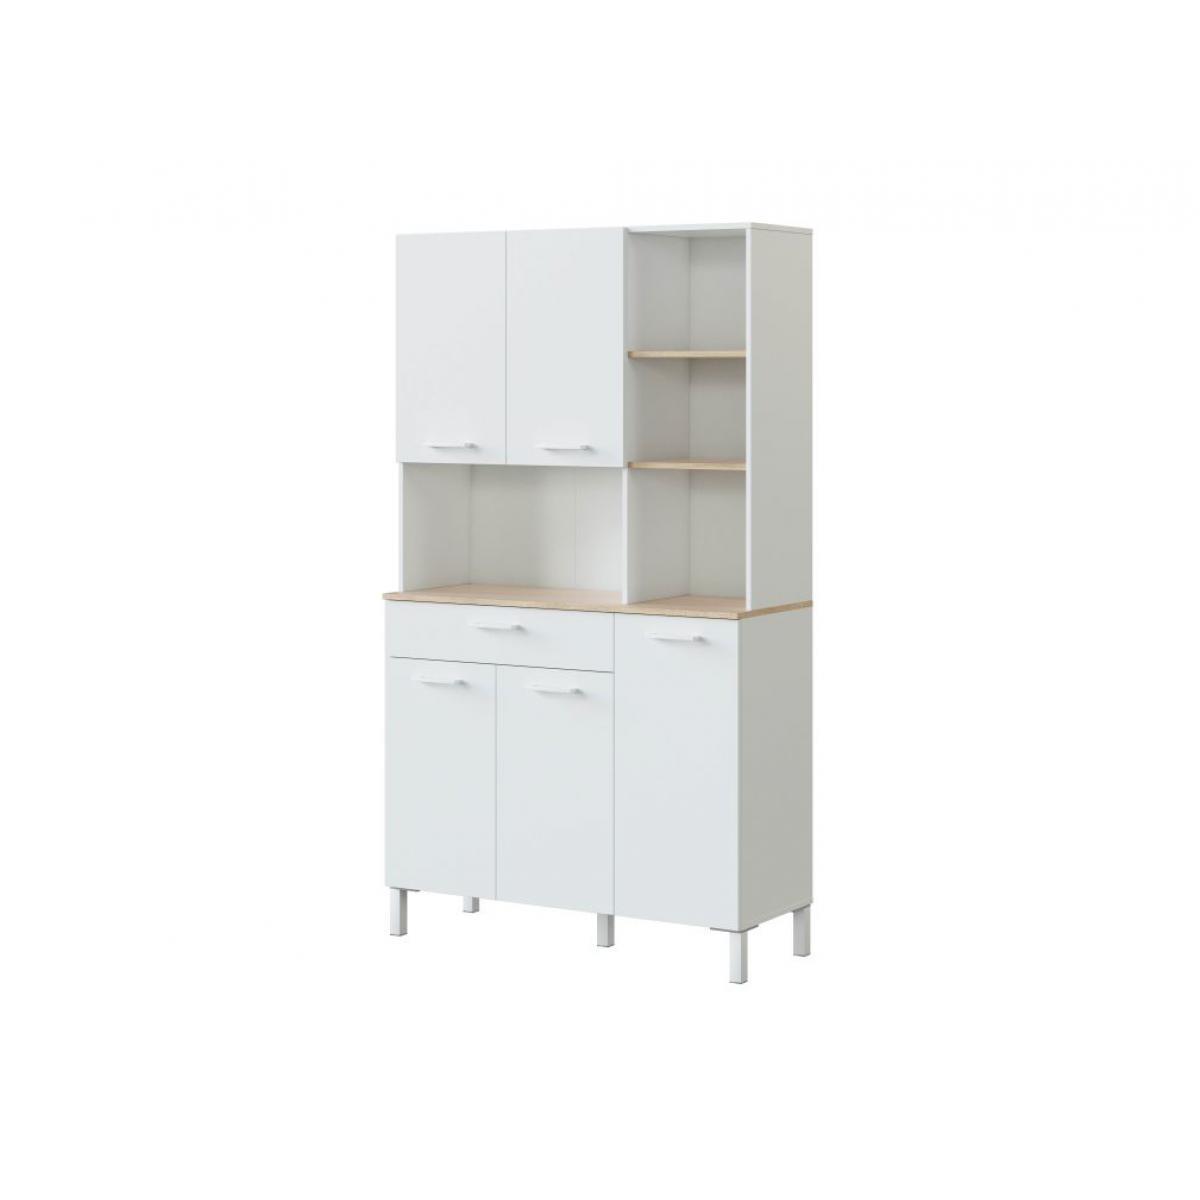 Usinestreet Buffet de cuisine ÉMILE 5 portes et 1 tiroir L108 x H186cm - Blanc / Bois